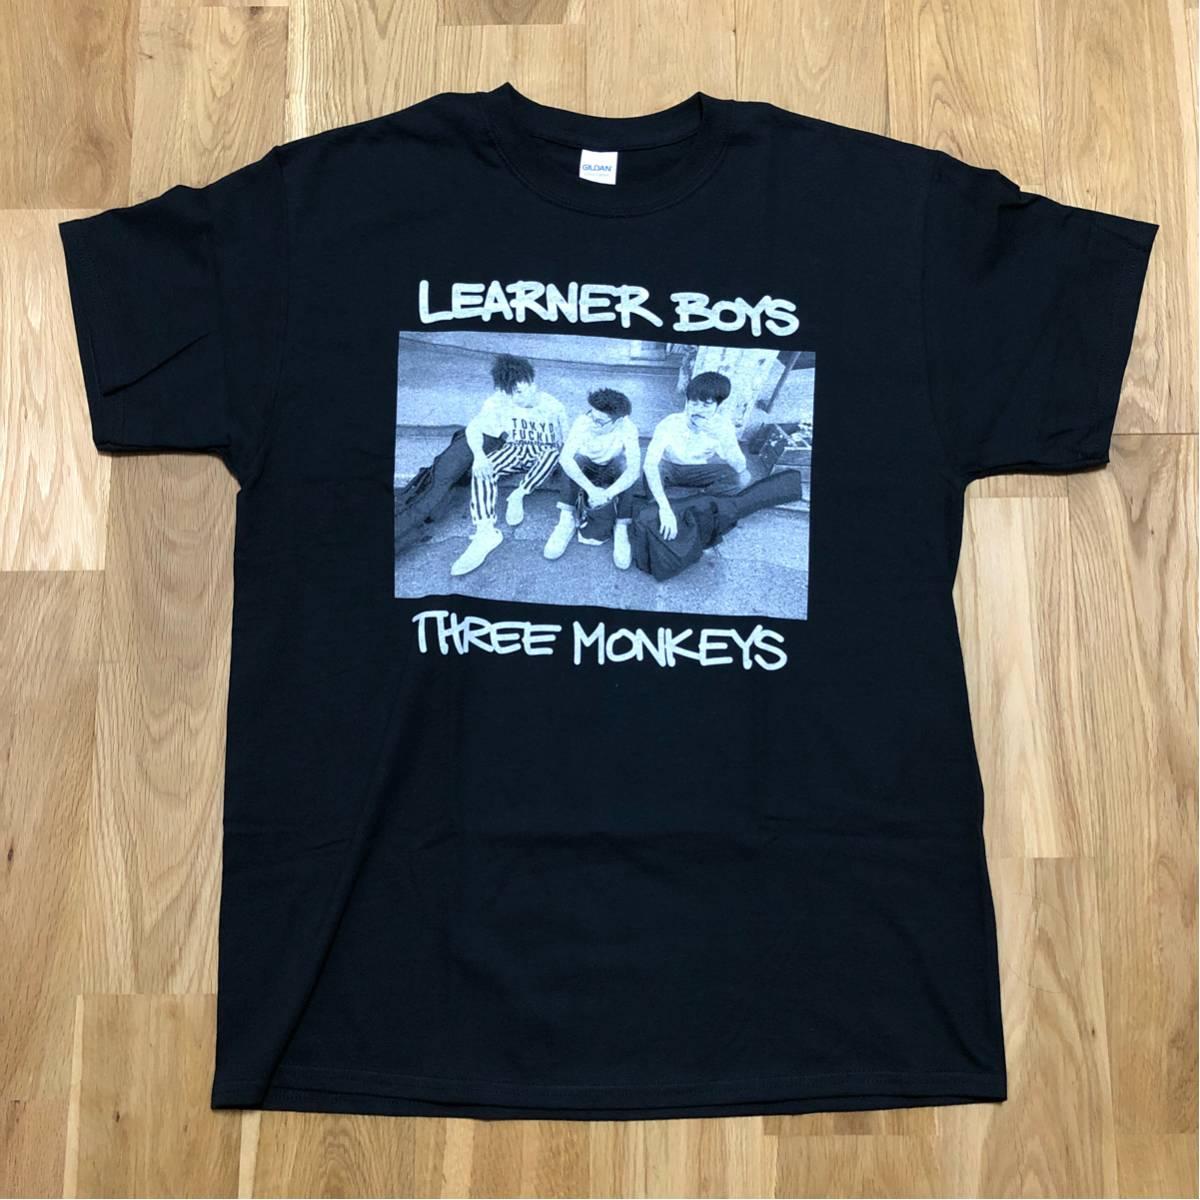 【新品】 Learners ( ラーナーズ ) 三匹の猿 Learner Boy TEE Lサイズ / koncos cubismo 紗羅マリー 横山健 Noshow